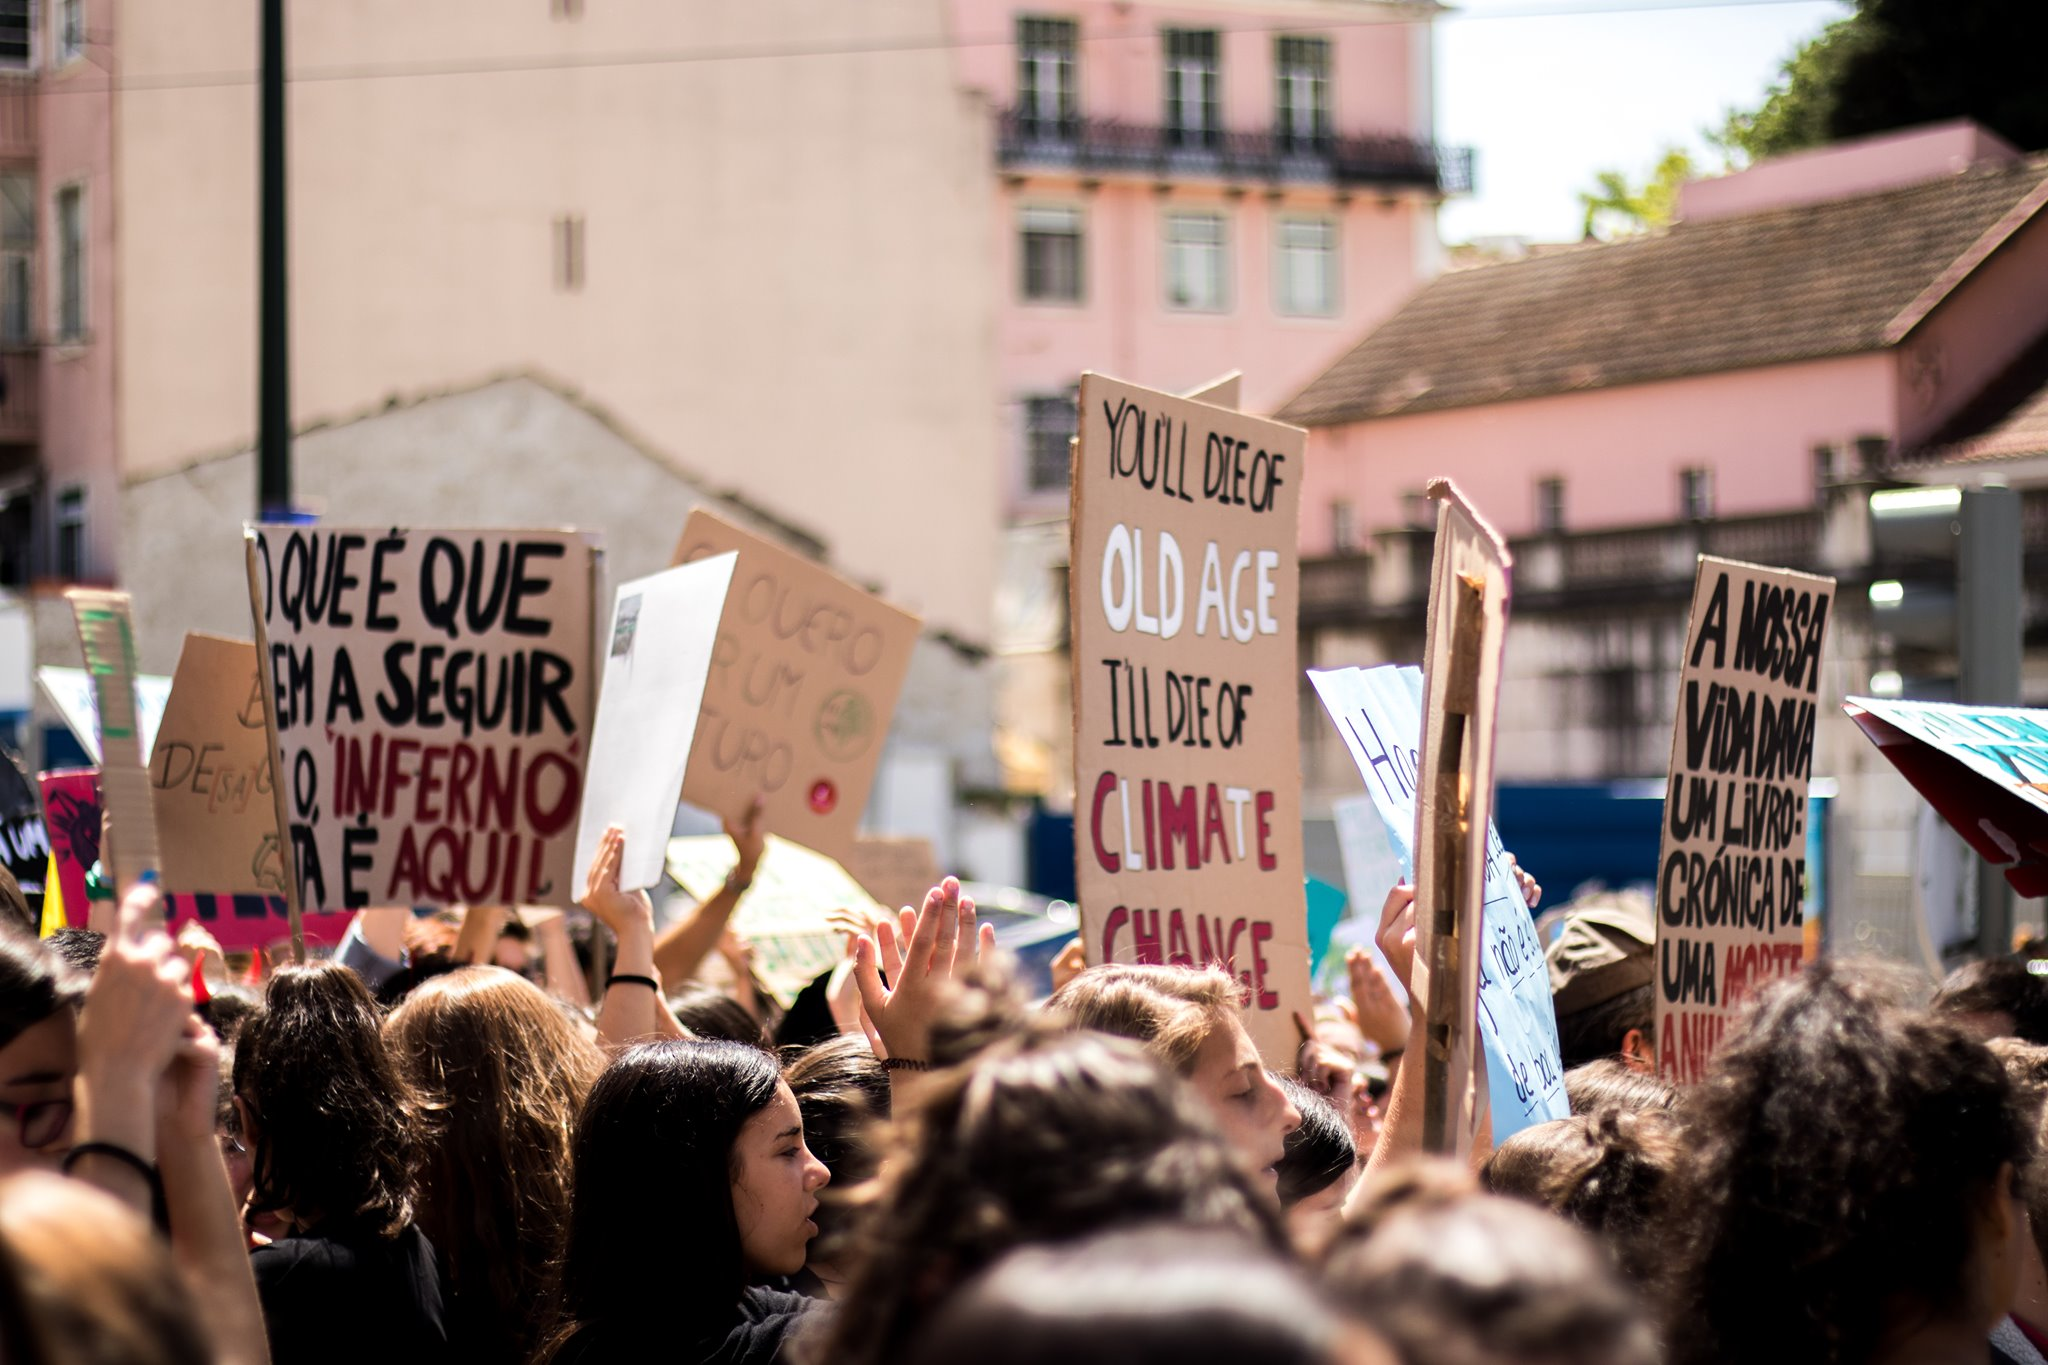 Dia da Terra: Greve Climática Estudantil sai às ruas hoje a amanhã